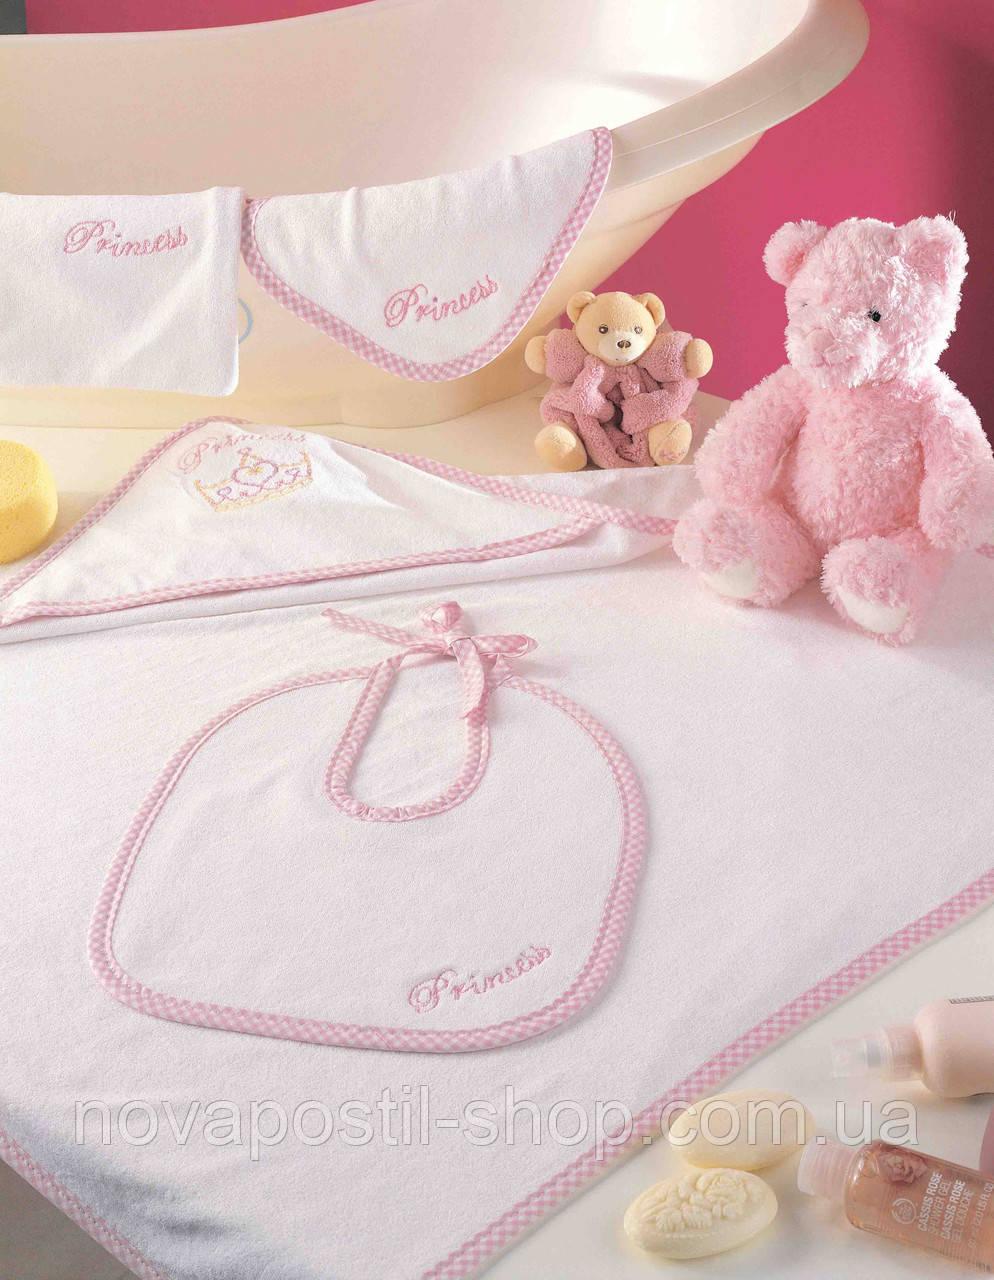 Набор для купания детский TAC Princess